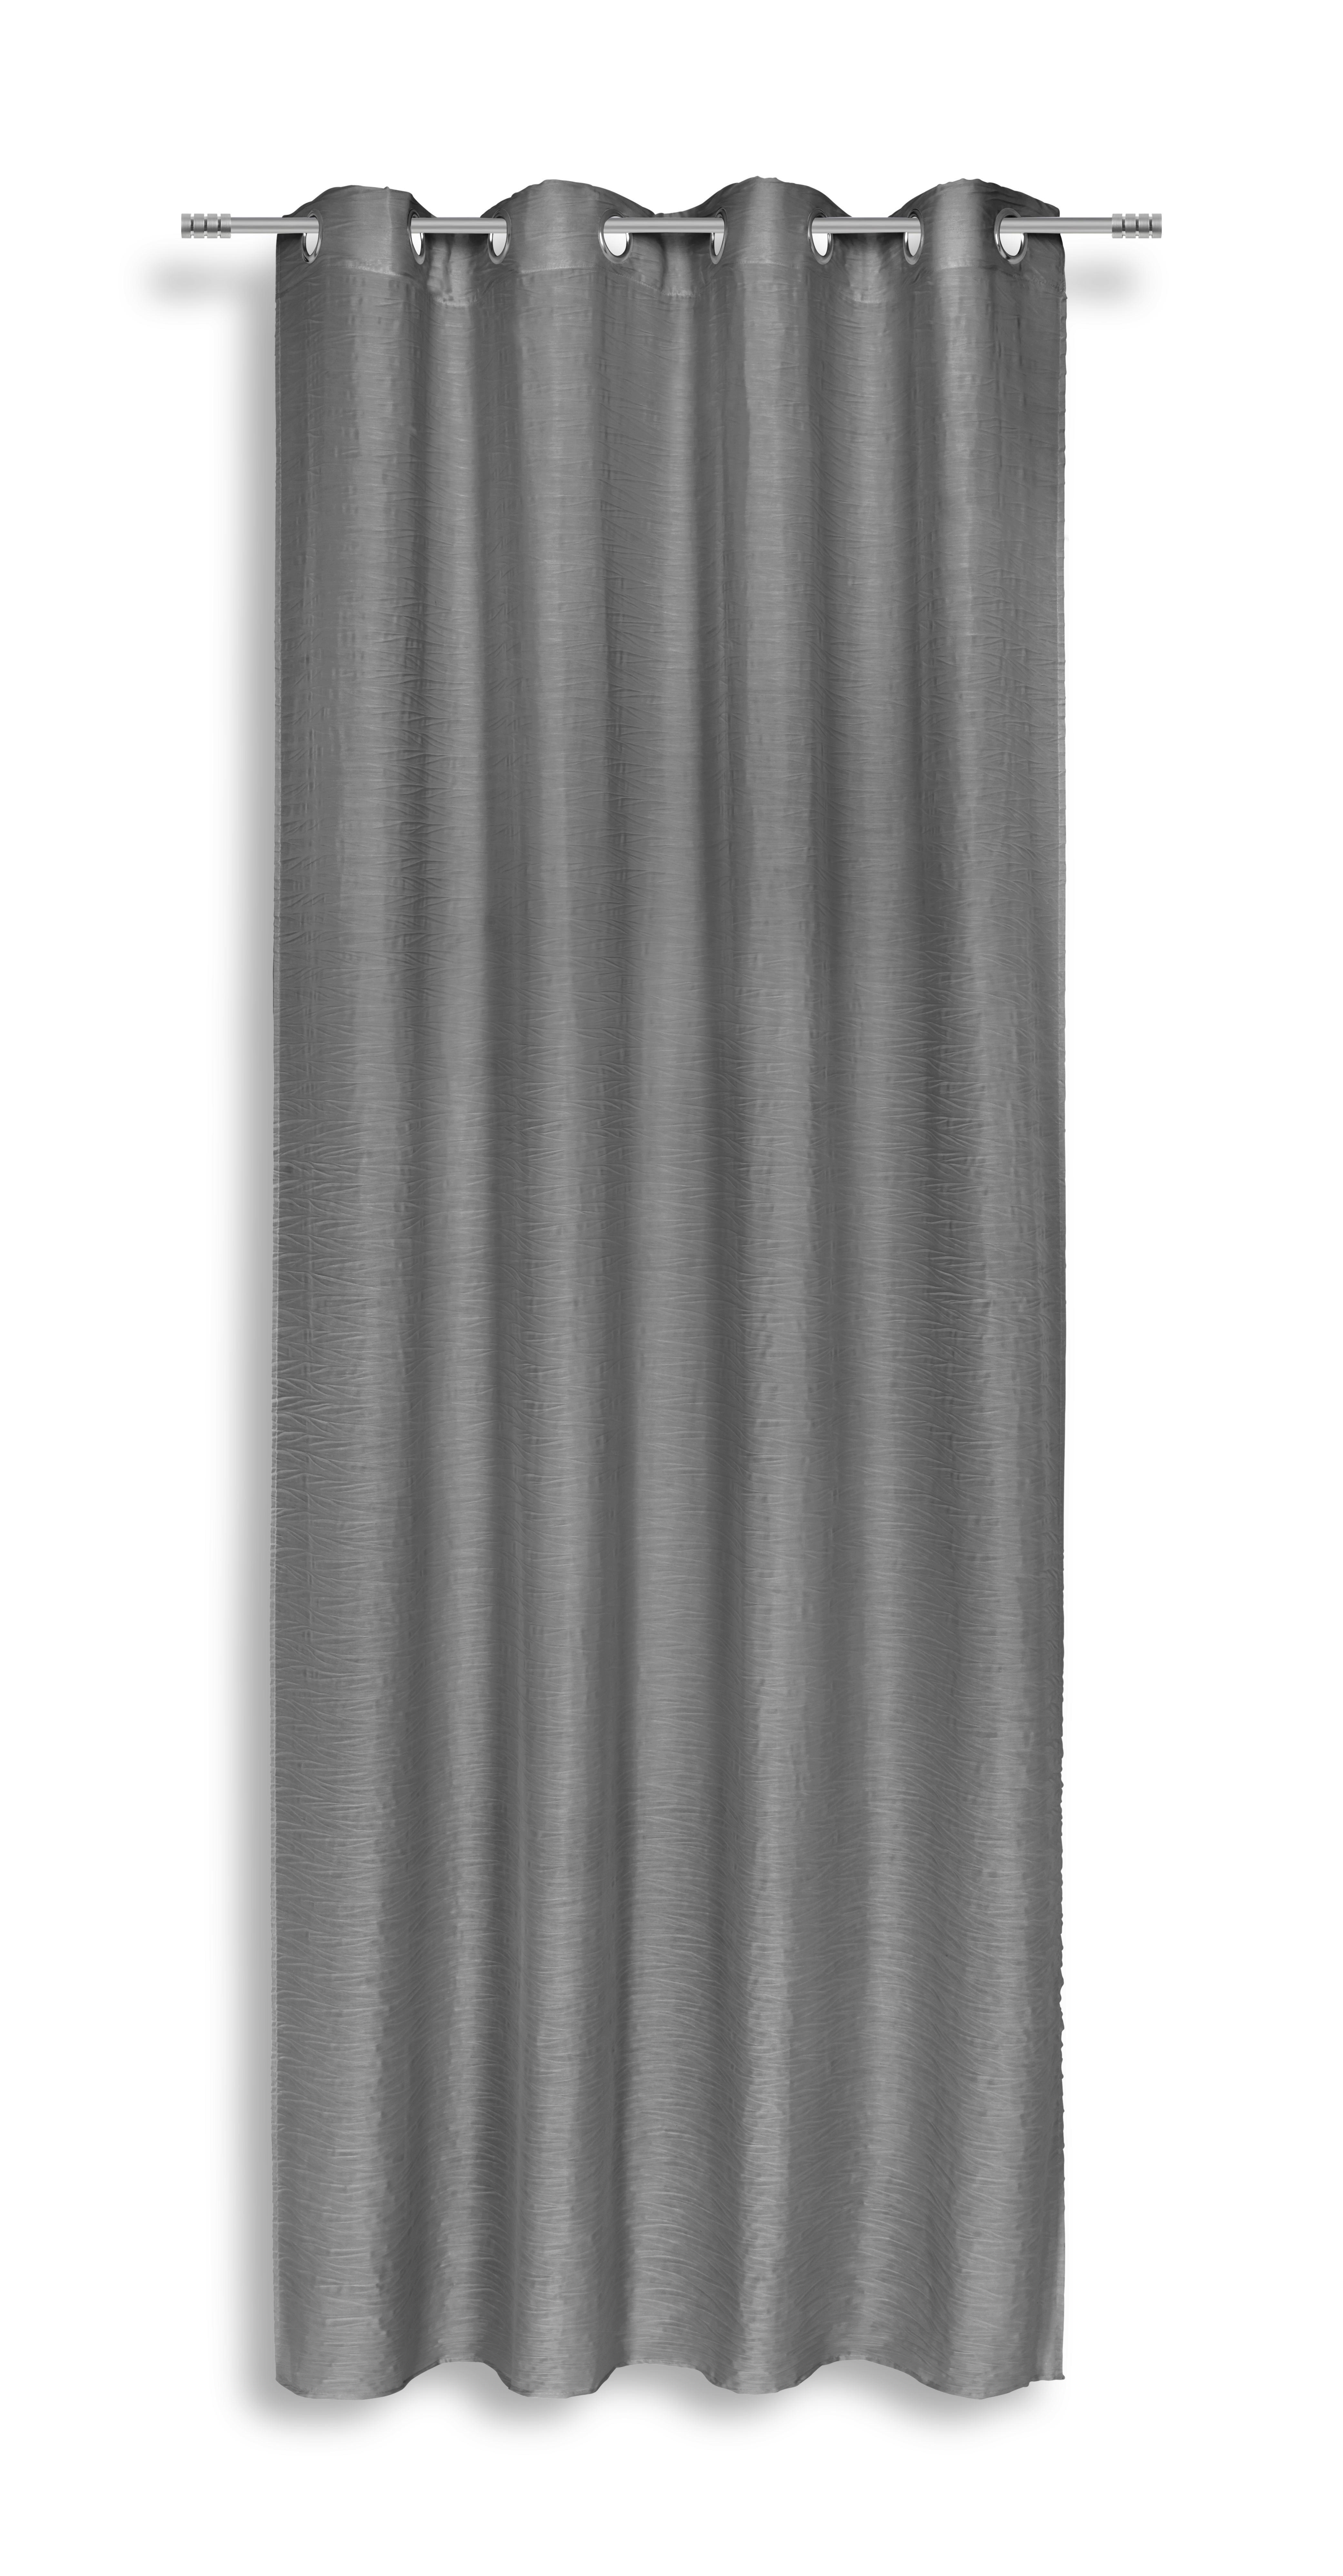 Készfüggöny Tina - fekete, modern, textil (140/245cm) - LUCA BESSONI